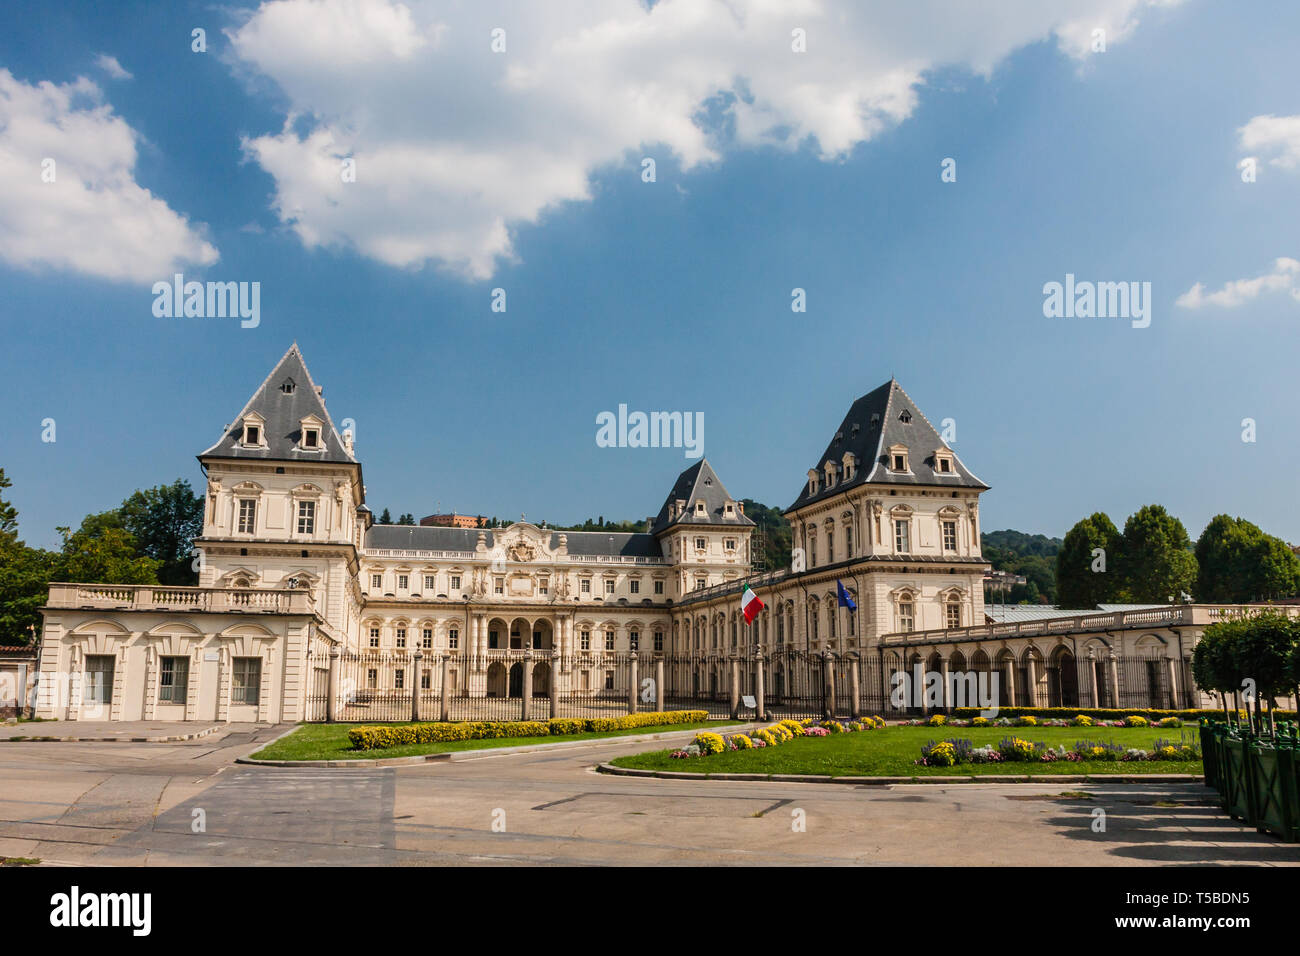 Il Castello del Valentino (Italiano Castello del Valentino è un edificio  storico di Torino Foto stock - Alamy